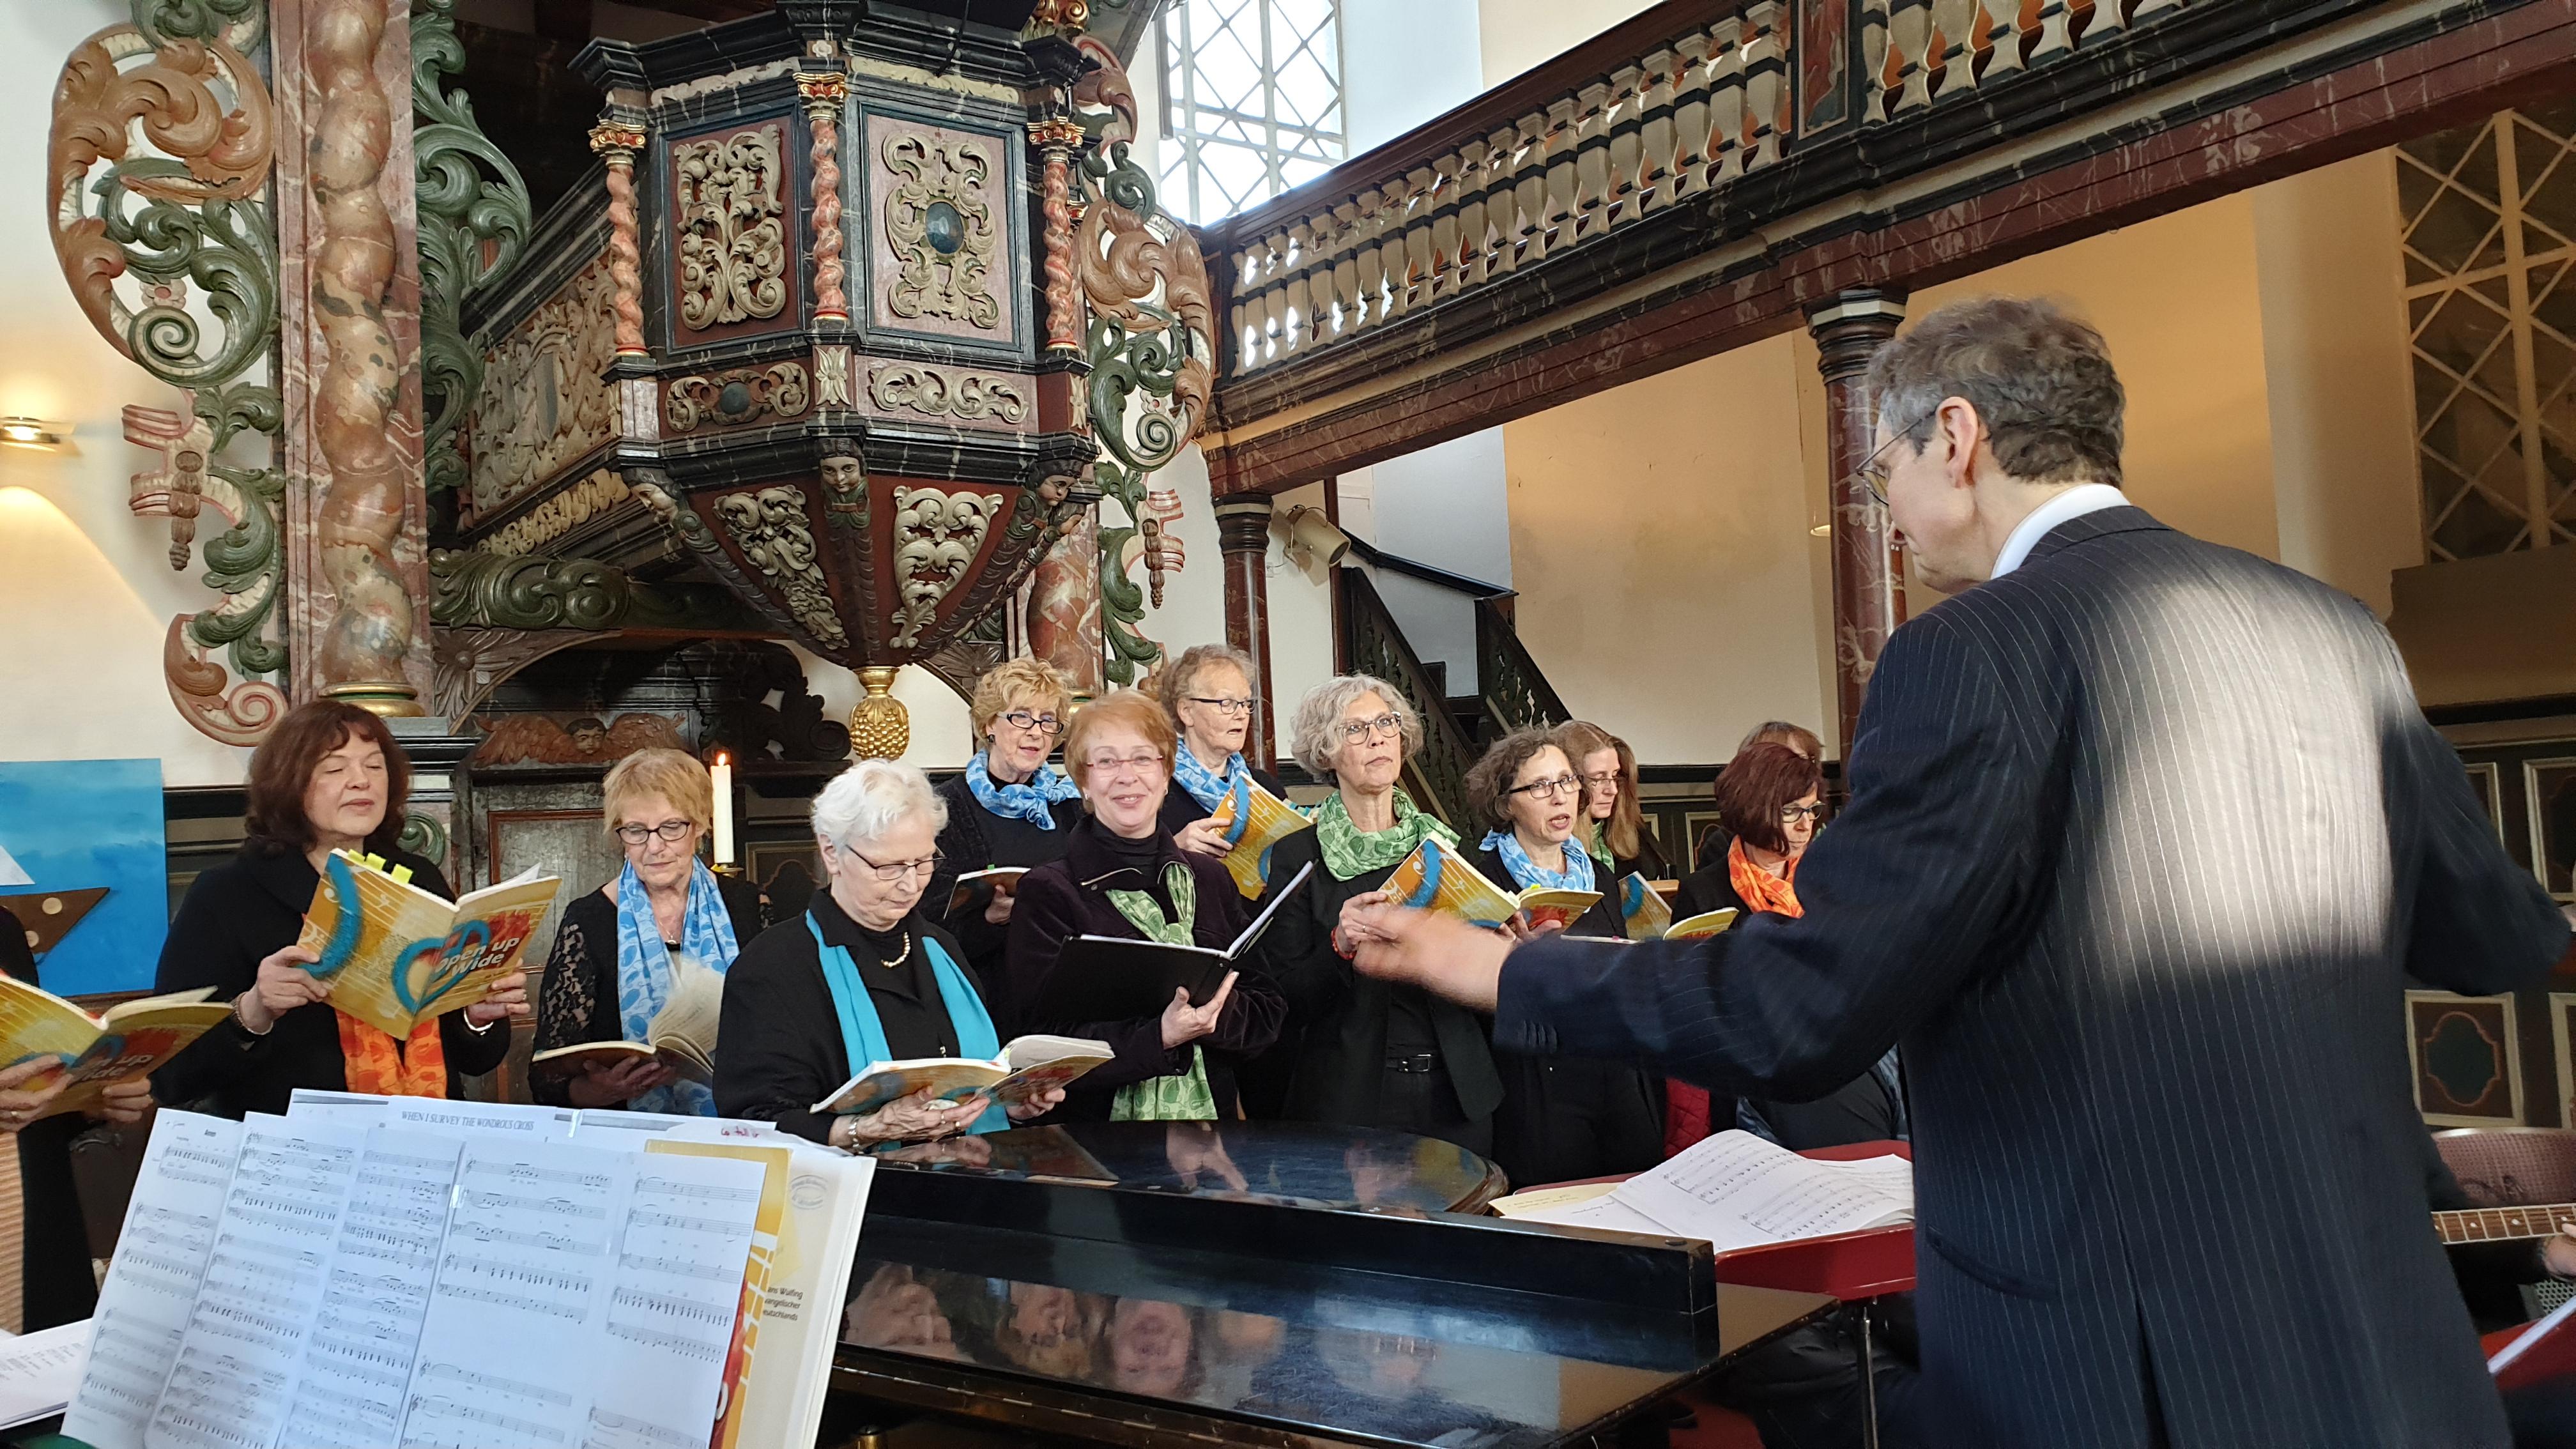 Der Gospelchor riß die Zuhörer begeistert mit. | Foto: Sascha von Gerishem